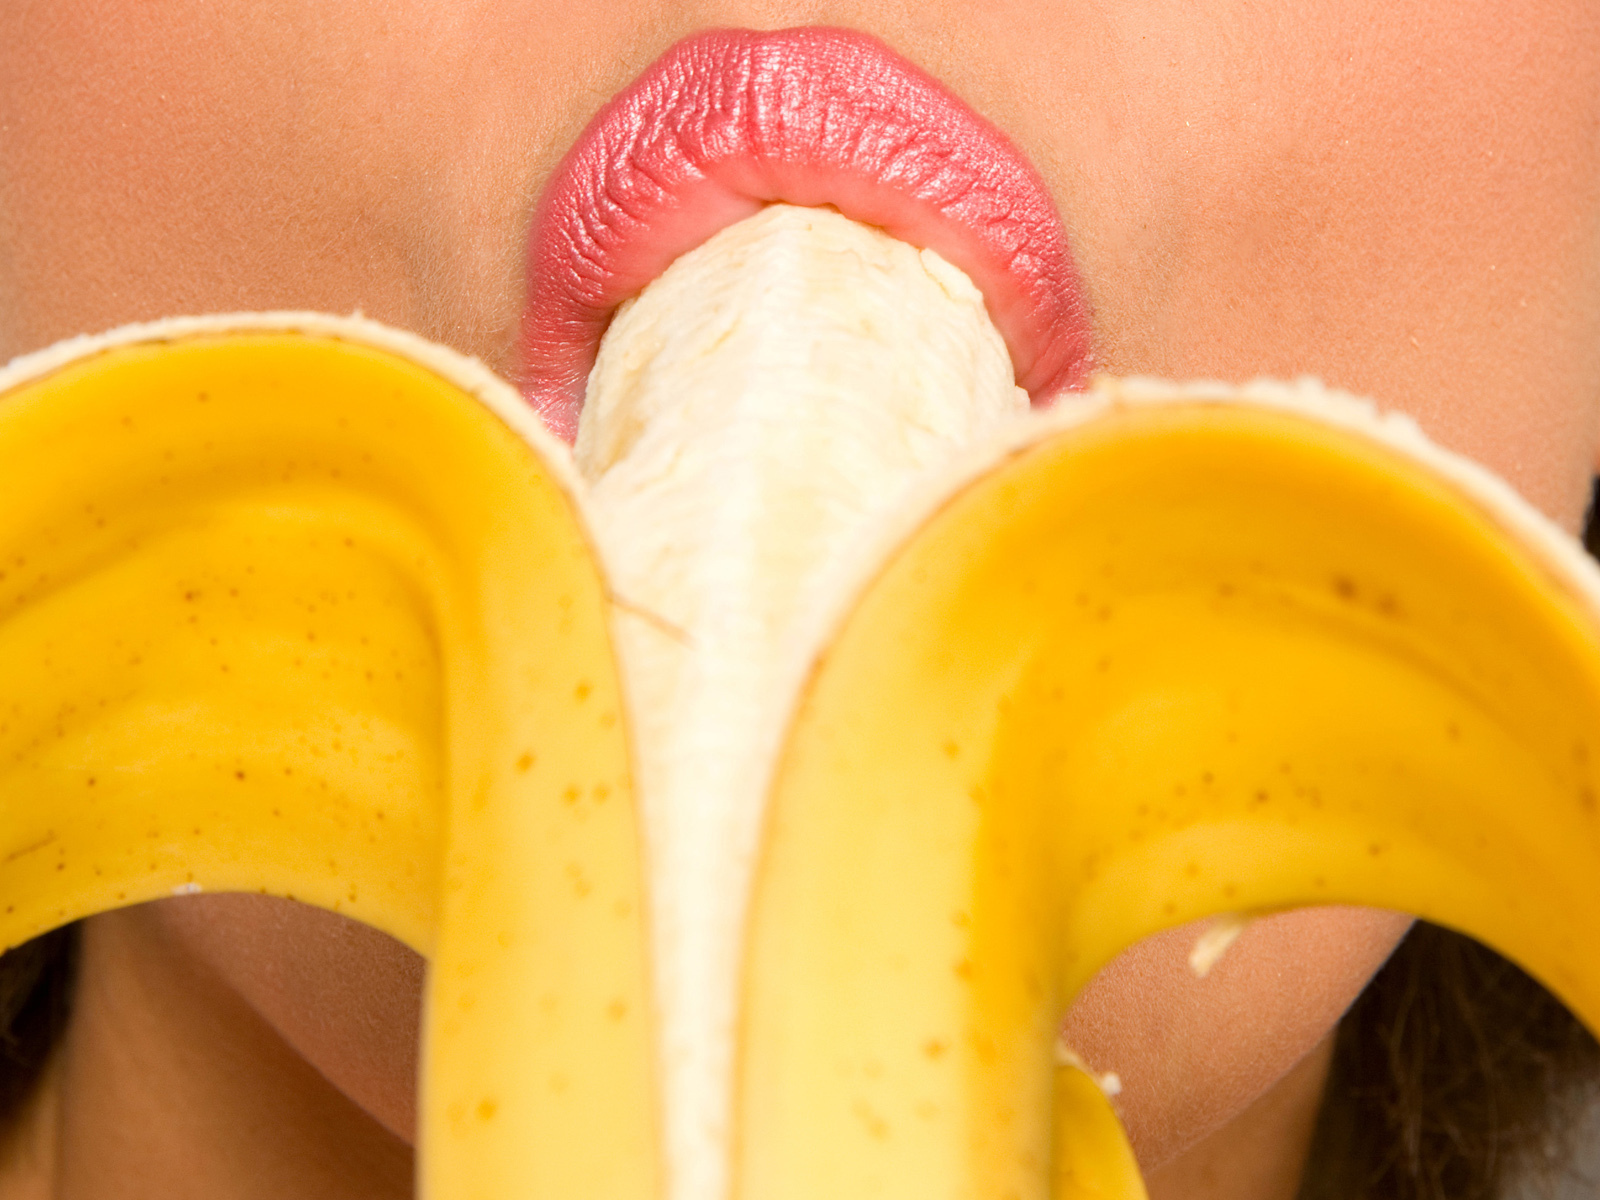 нас постоянный фотки член в рот как осчастливить